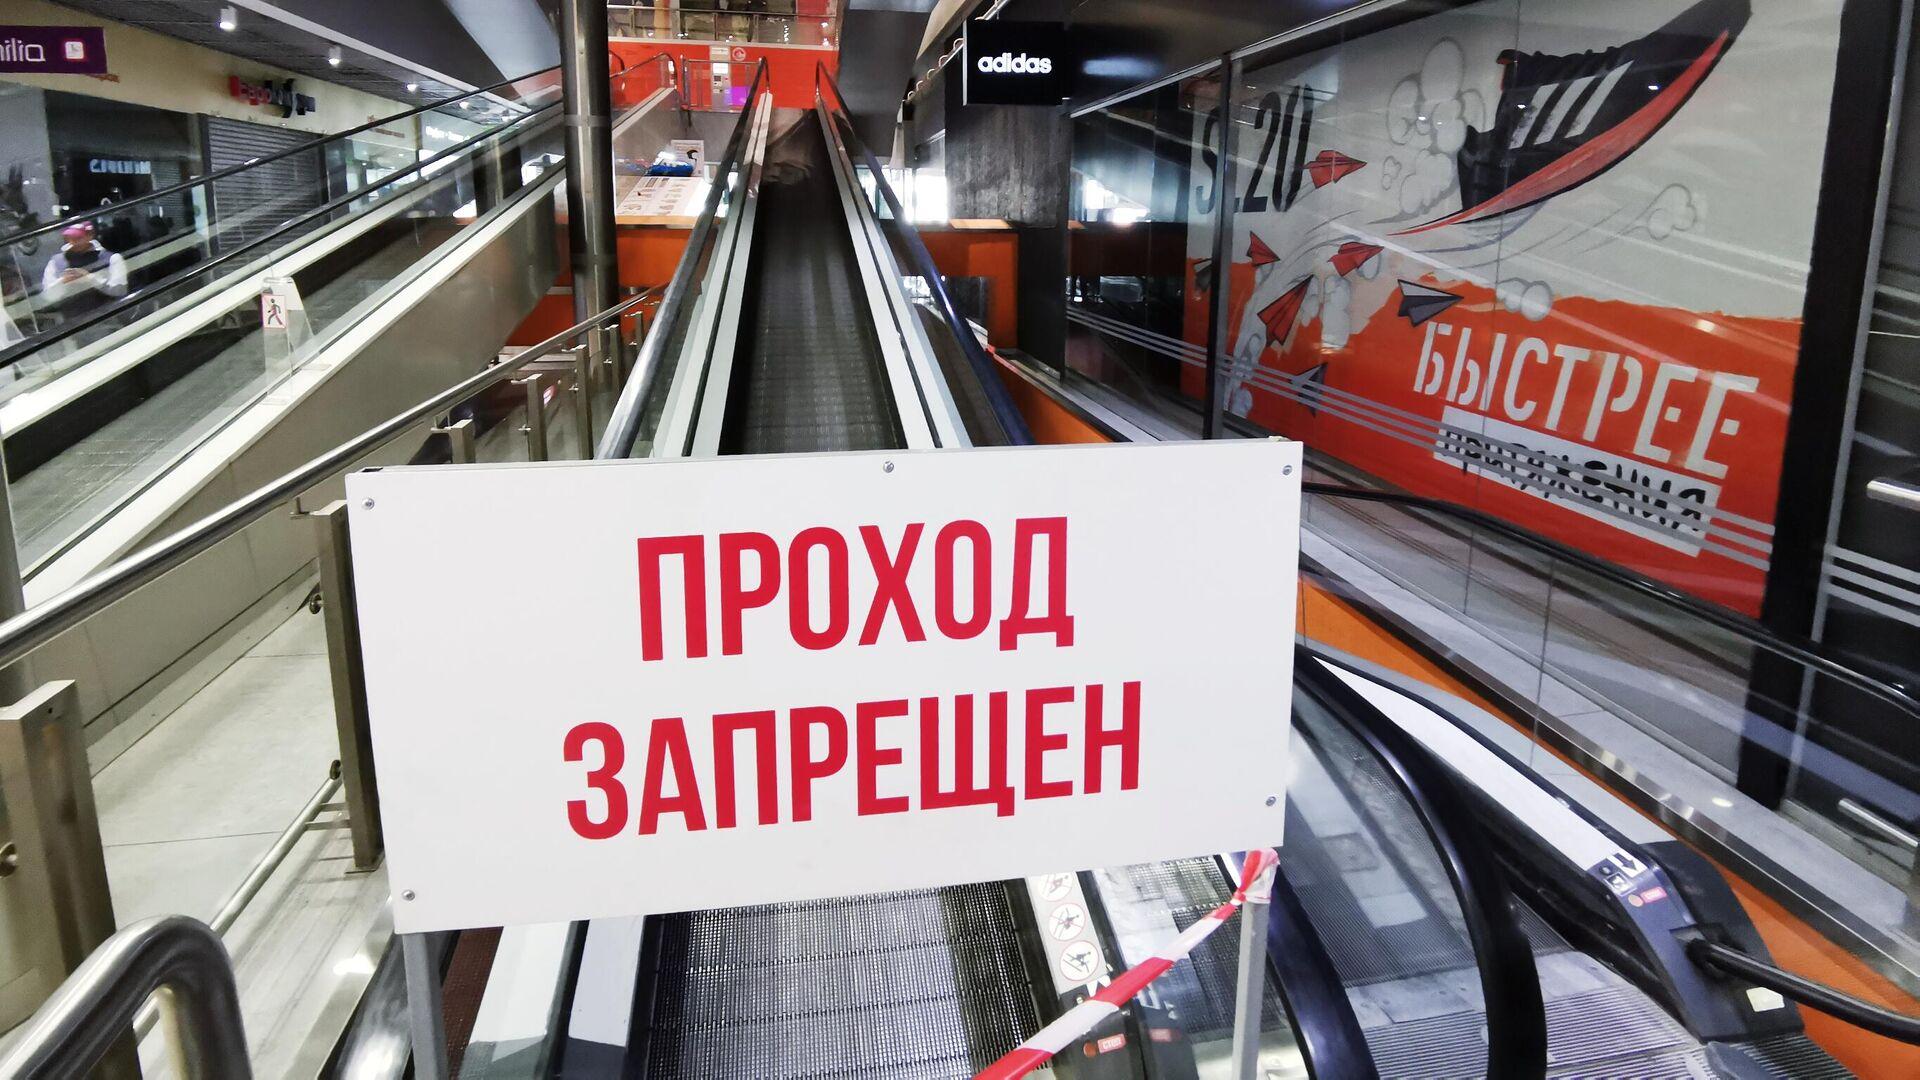 Табличка Проход запрещен на эскалаторе в торговом центре Город в Москве - РИА Новости, 1920, 06.10.2020